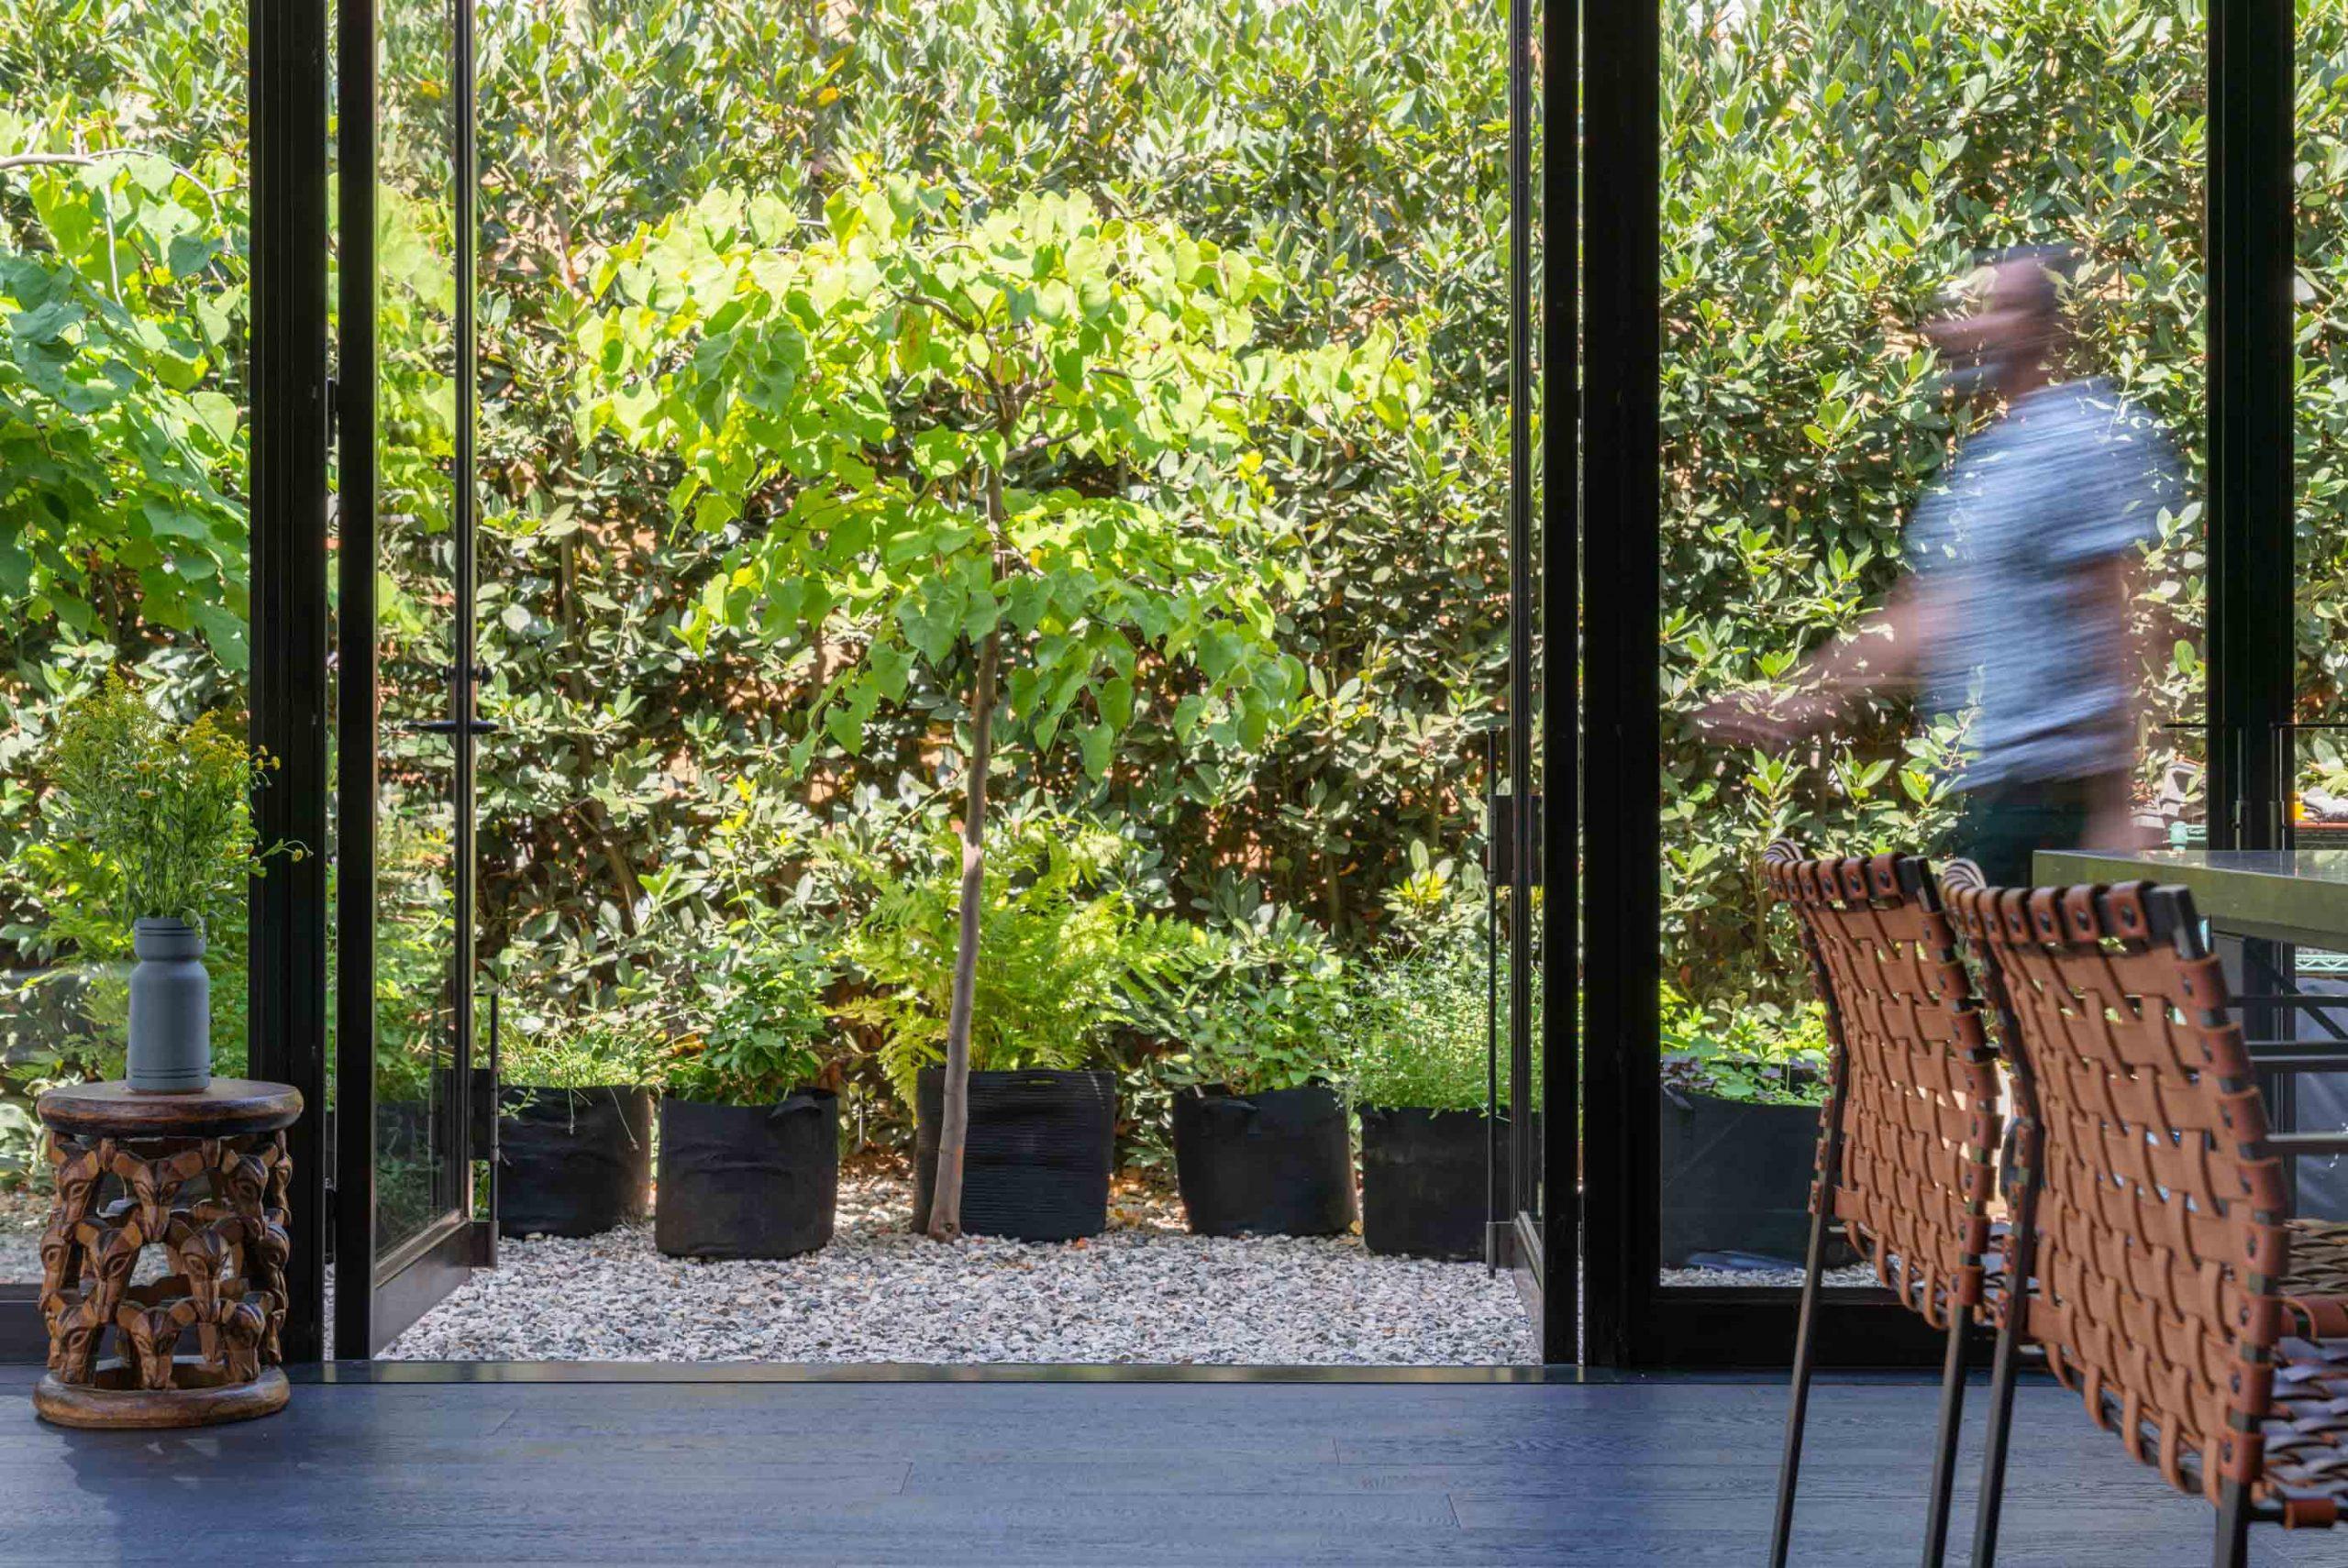 man walking past open glass door with plants